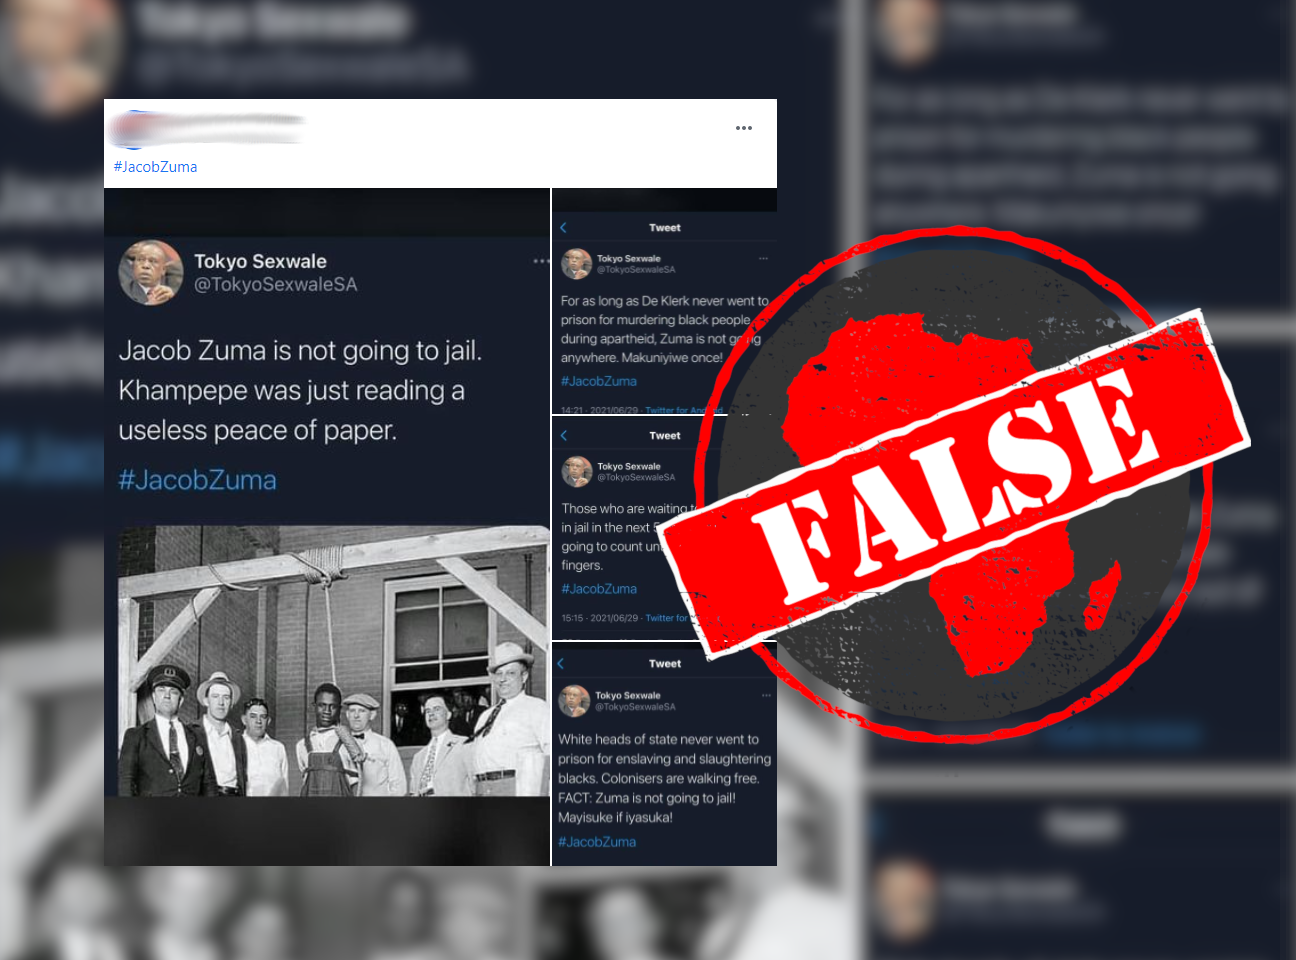 ZumaClaims_False